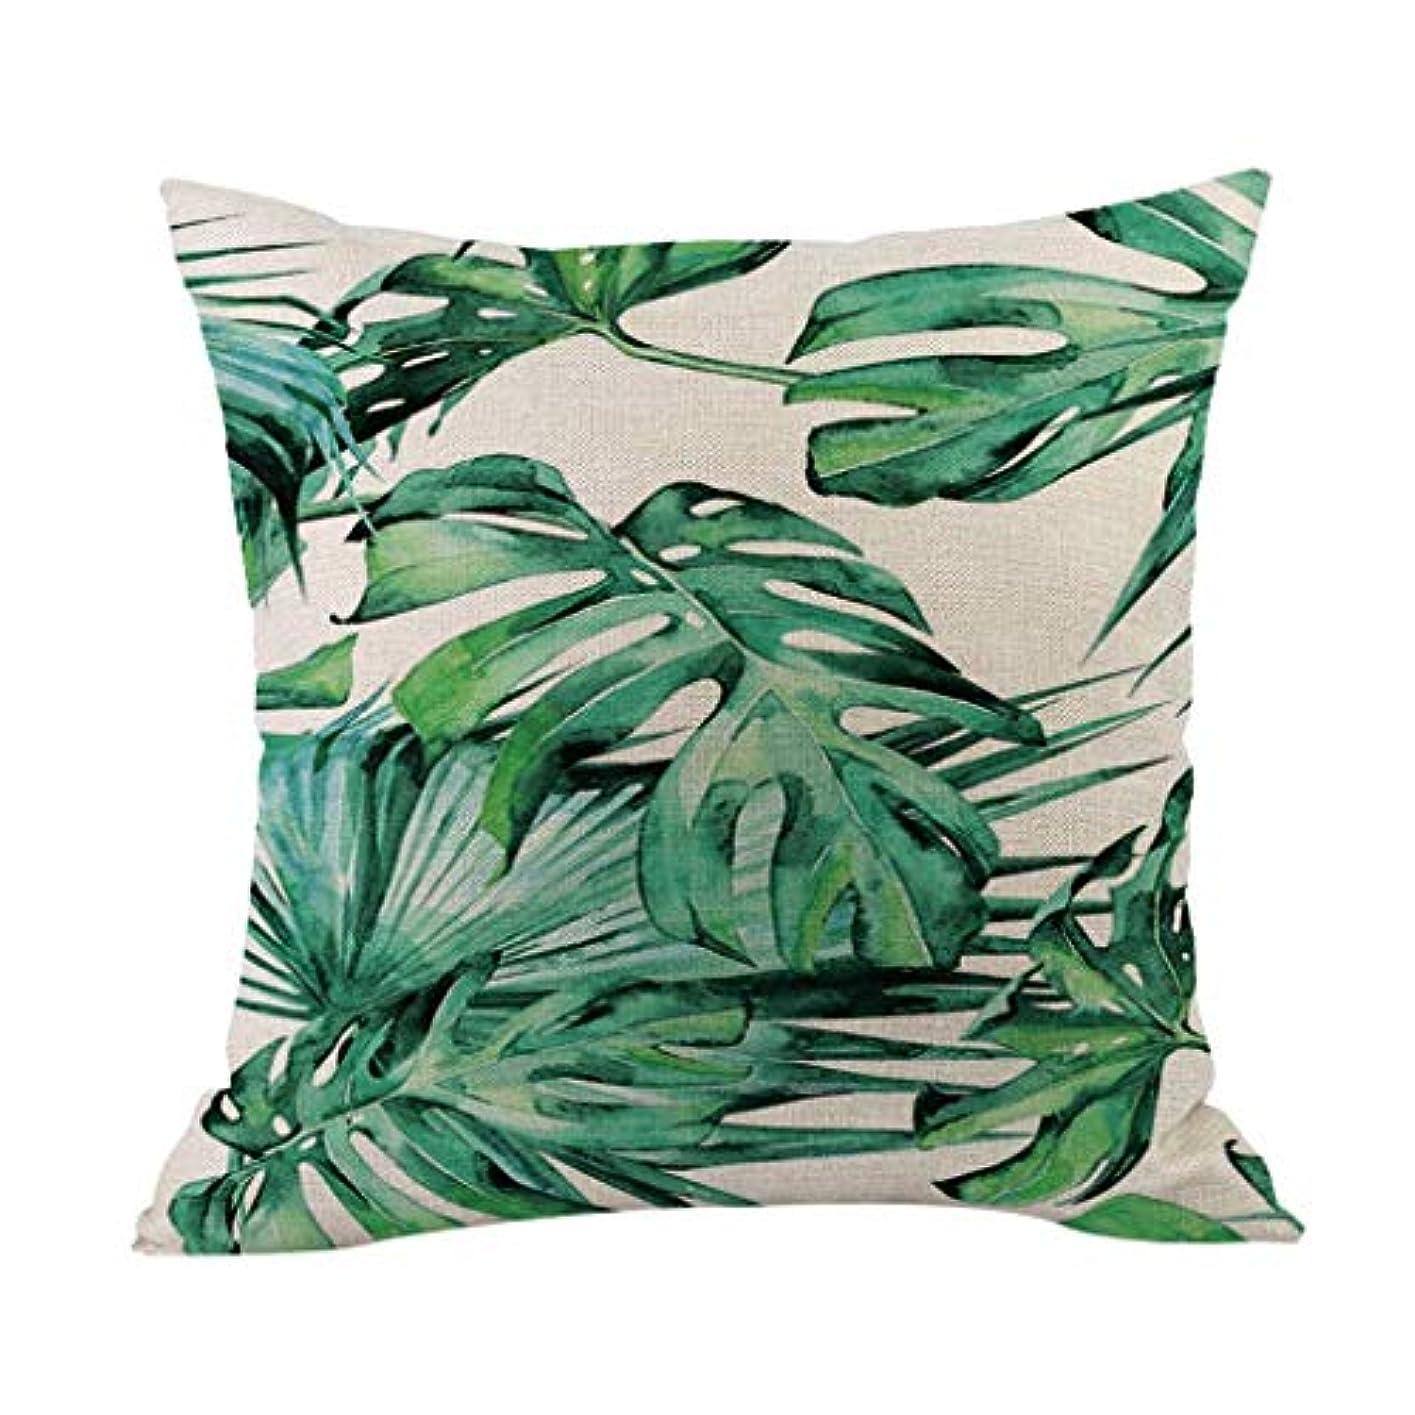 ガラスファイバ好戦的なLIFE 高品質クッション熱帯植物ポリエステル枕ソファ投げるパッドセットホーム人格クッション coussin decoratif クッション 椅子